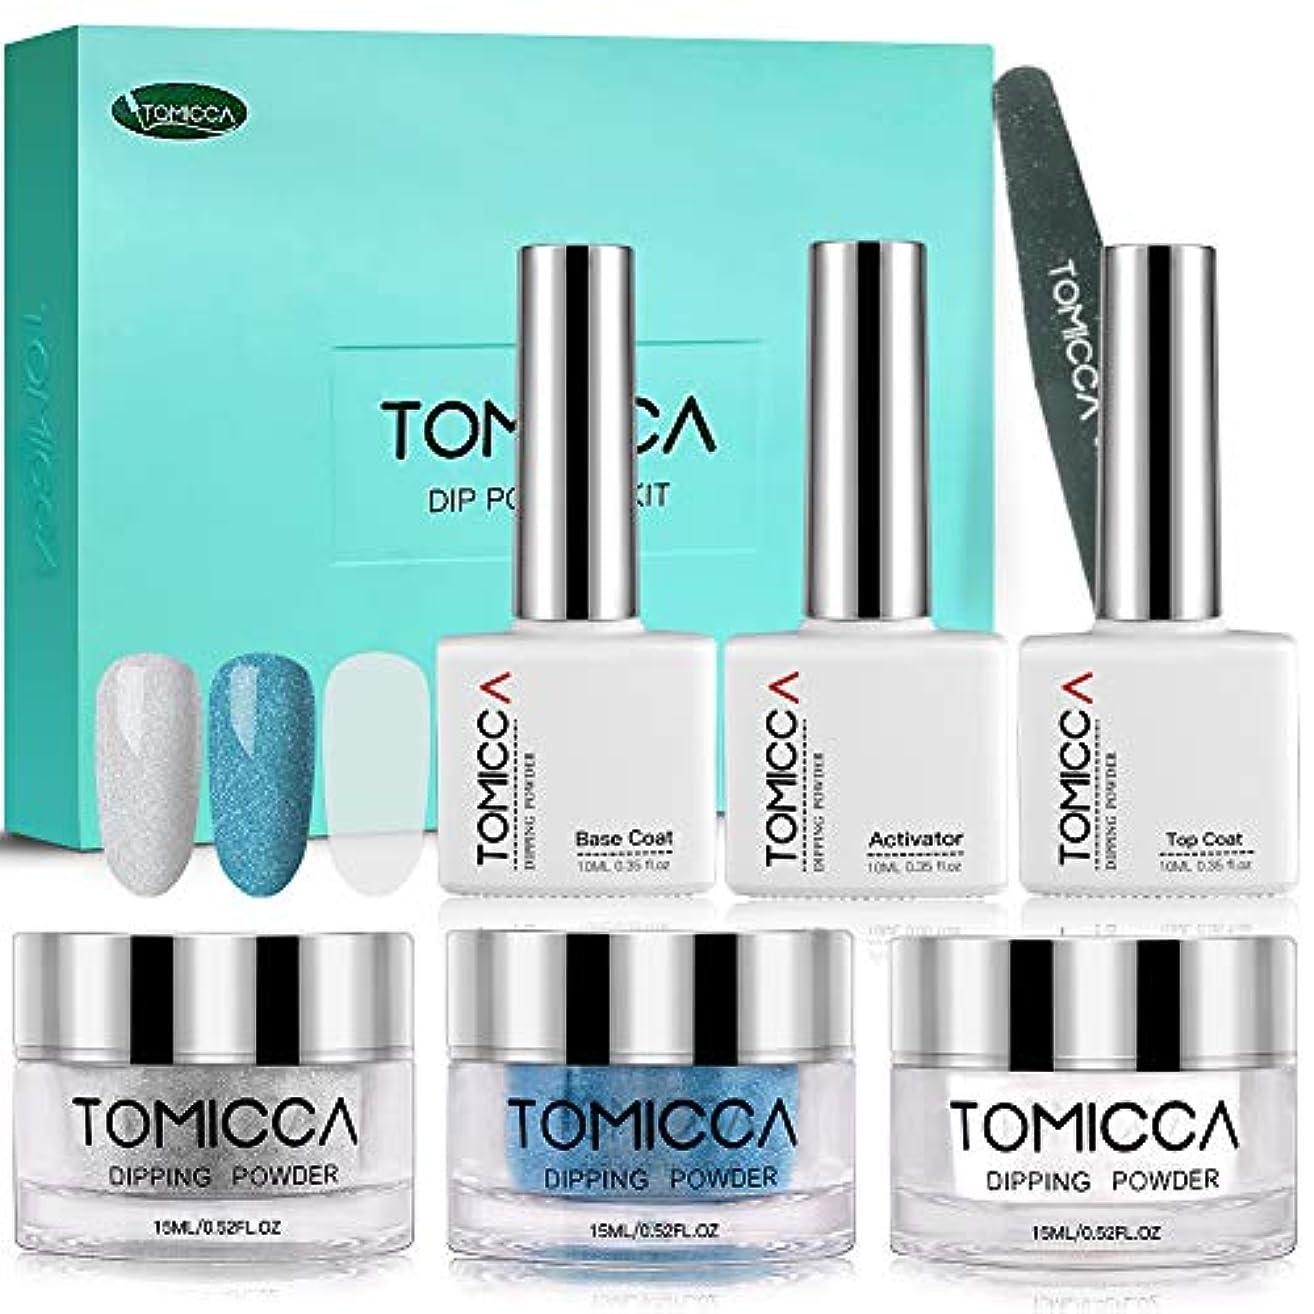 TOMICCA パウダーマニキュア ネイルパウダー 3色セット 15ml UV*LED ライト不要 初心者適用 色付け簡単 人気 アメリカ流行 (ブルー)